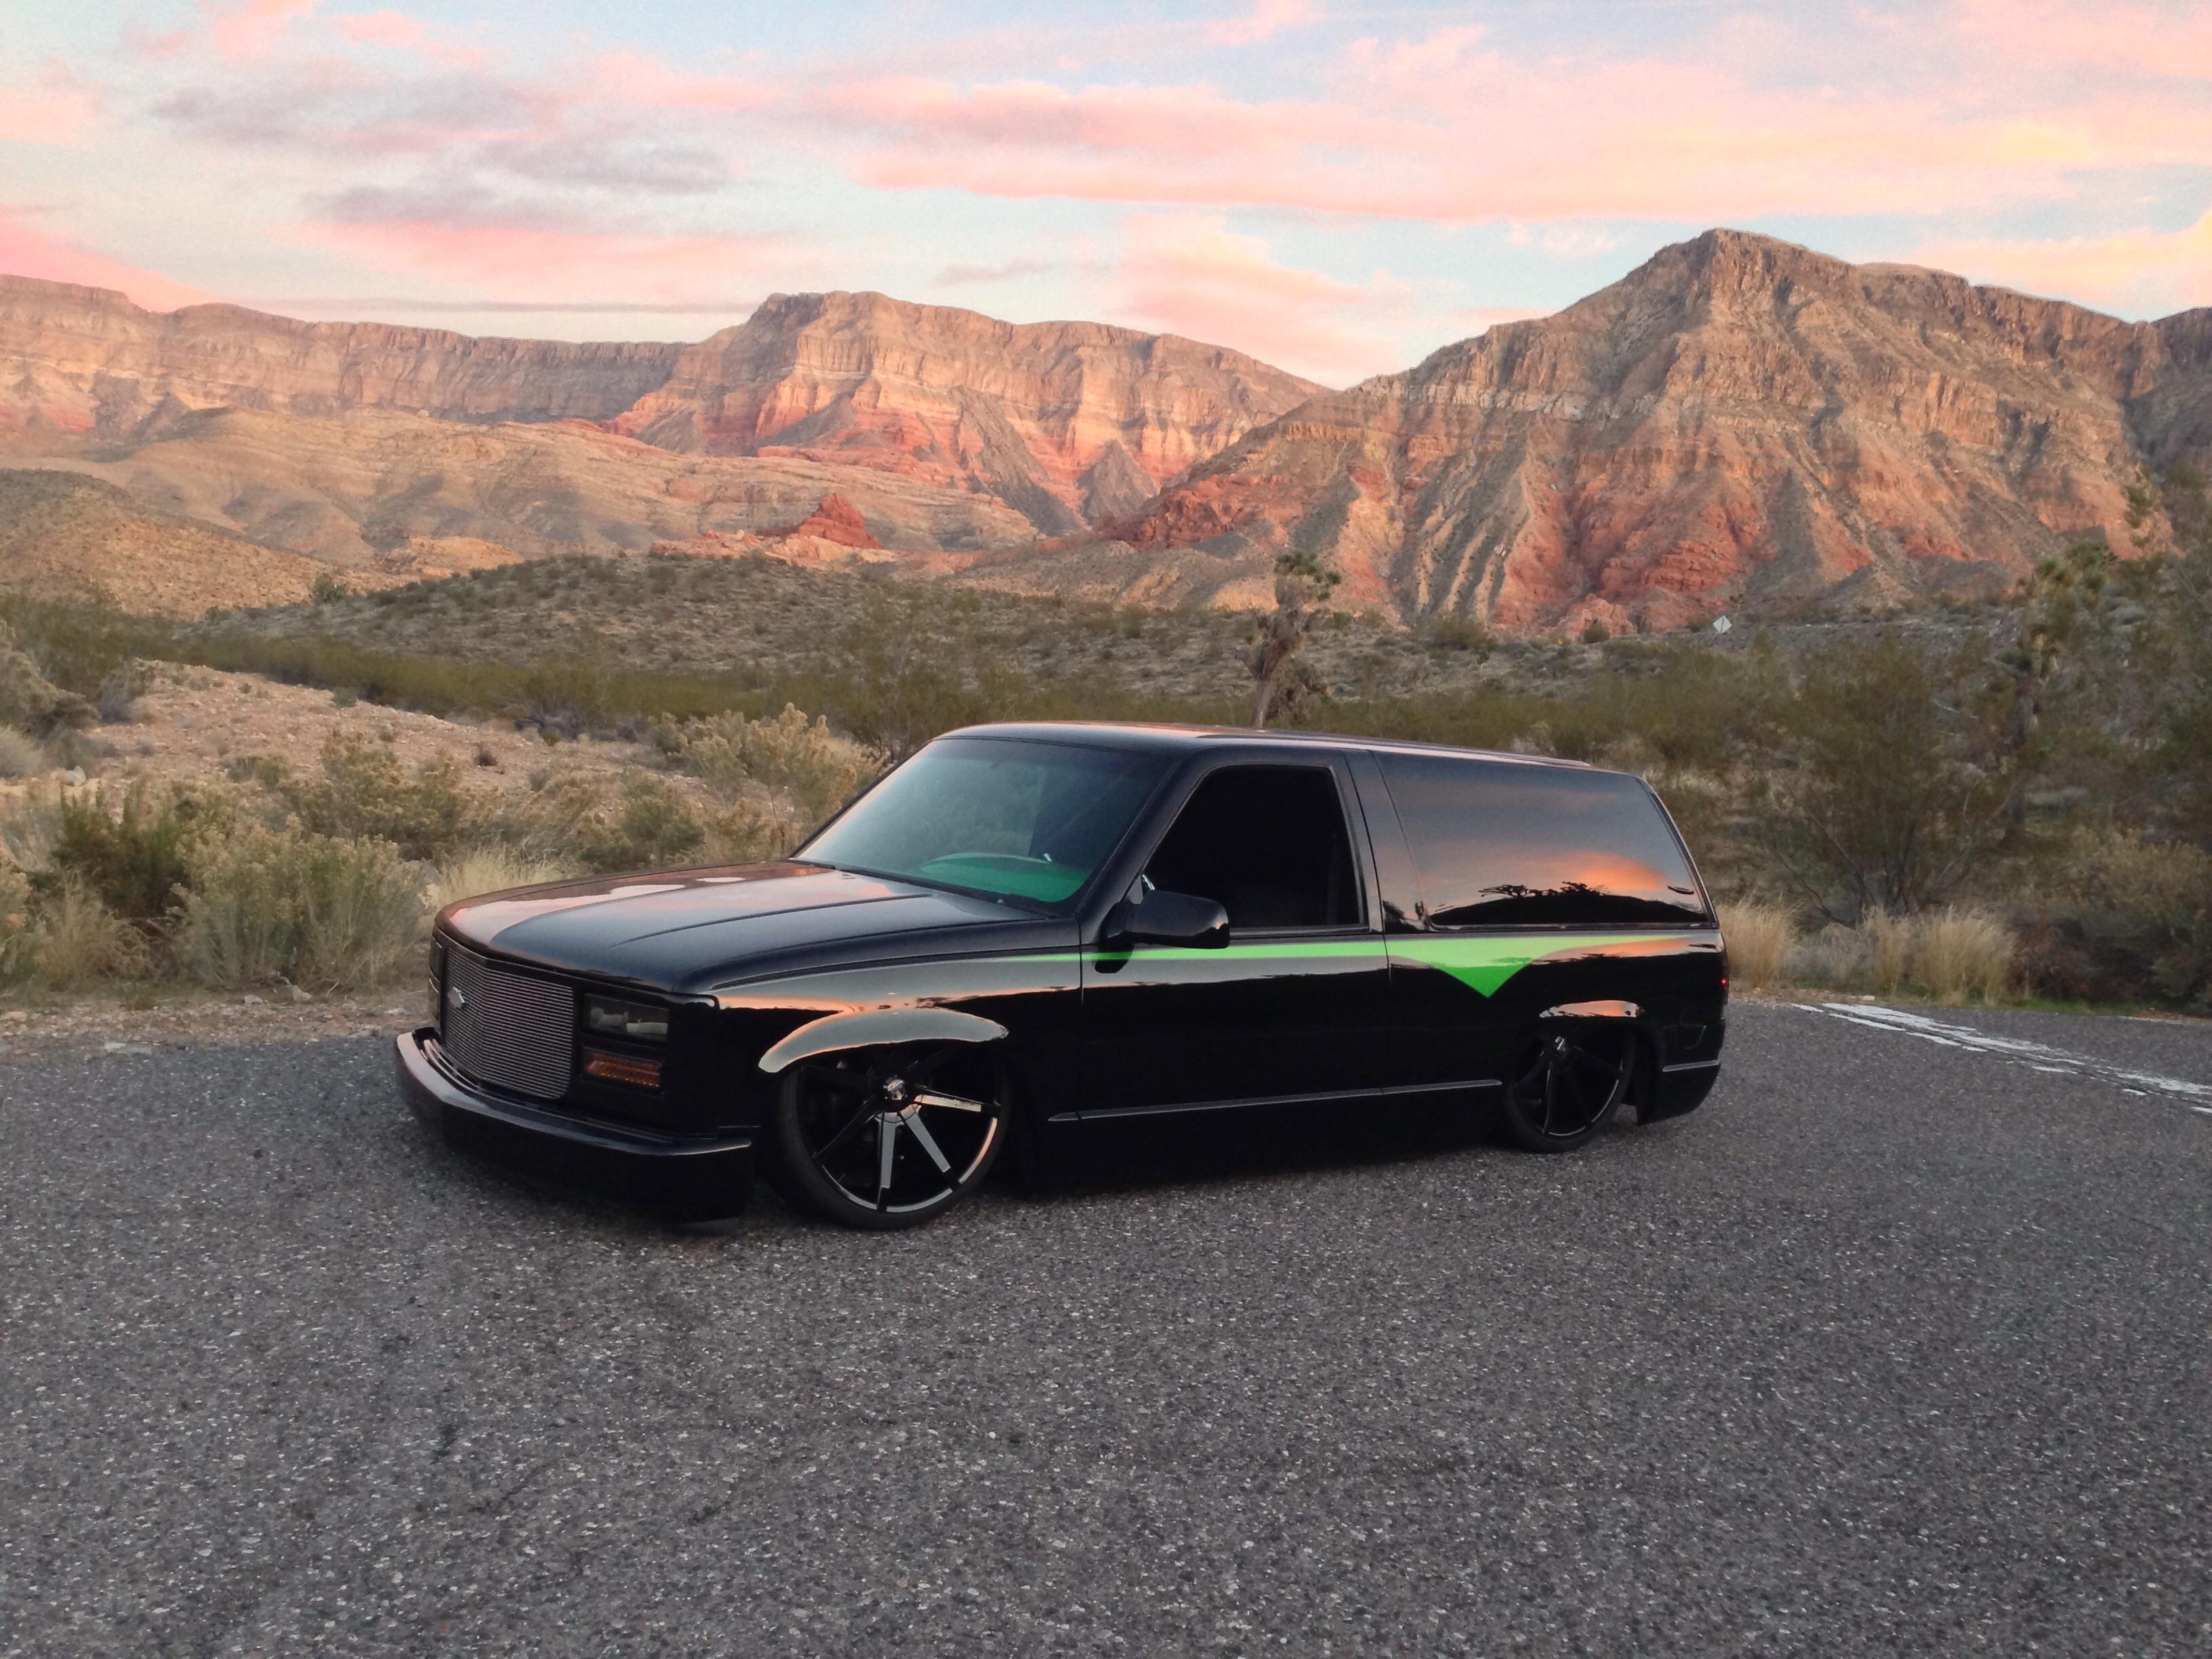 Severed Ties 1996 Chevrolet Tahoe - Paul Dolgner